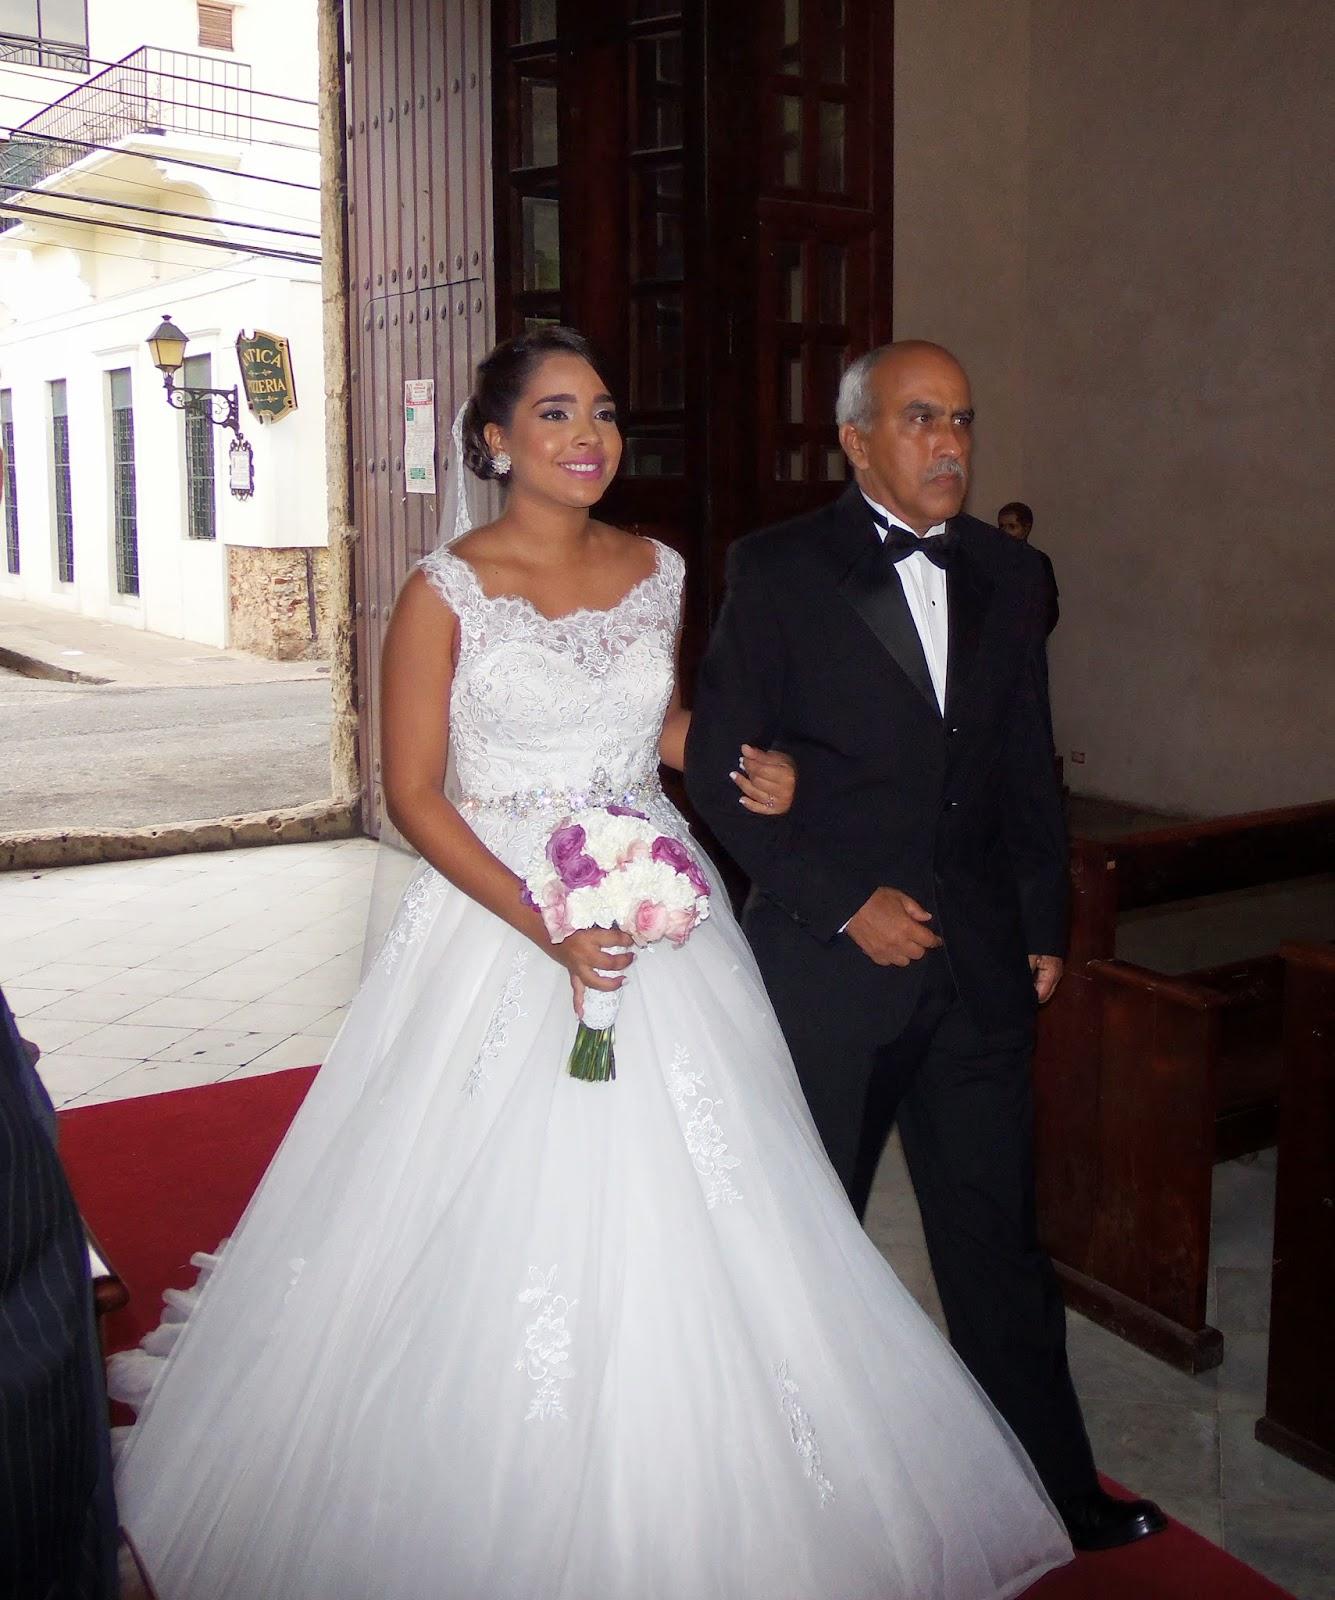 Matrimonio Catolico Protocolo : Canciones para ceremonia de matrimonio catolico protocolo